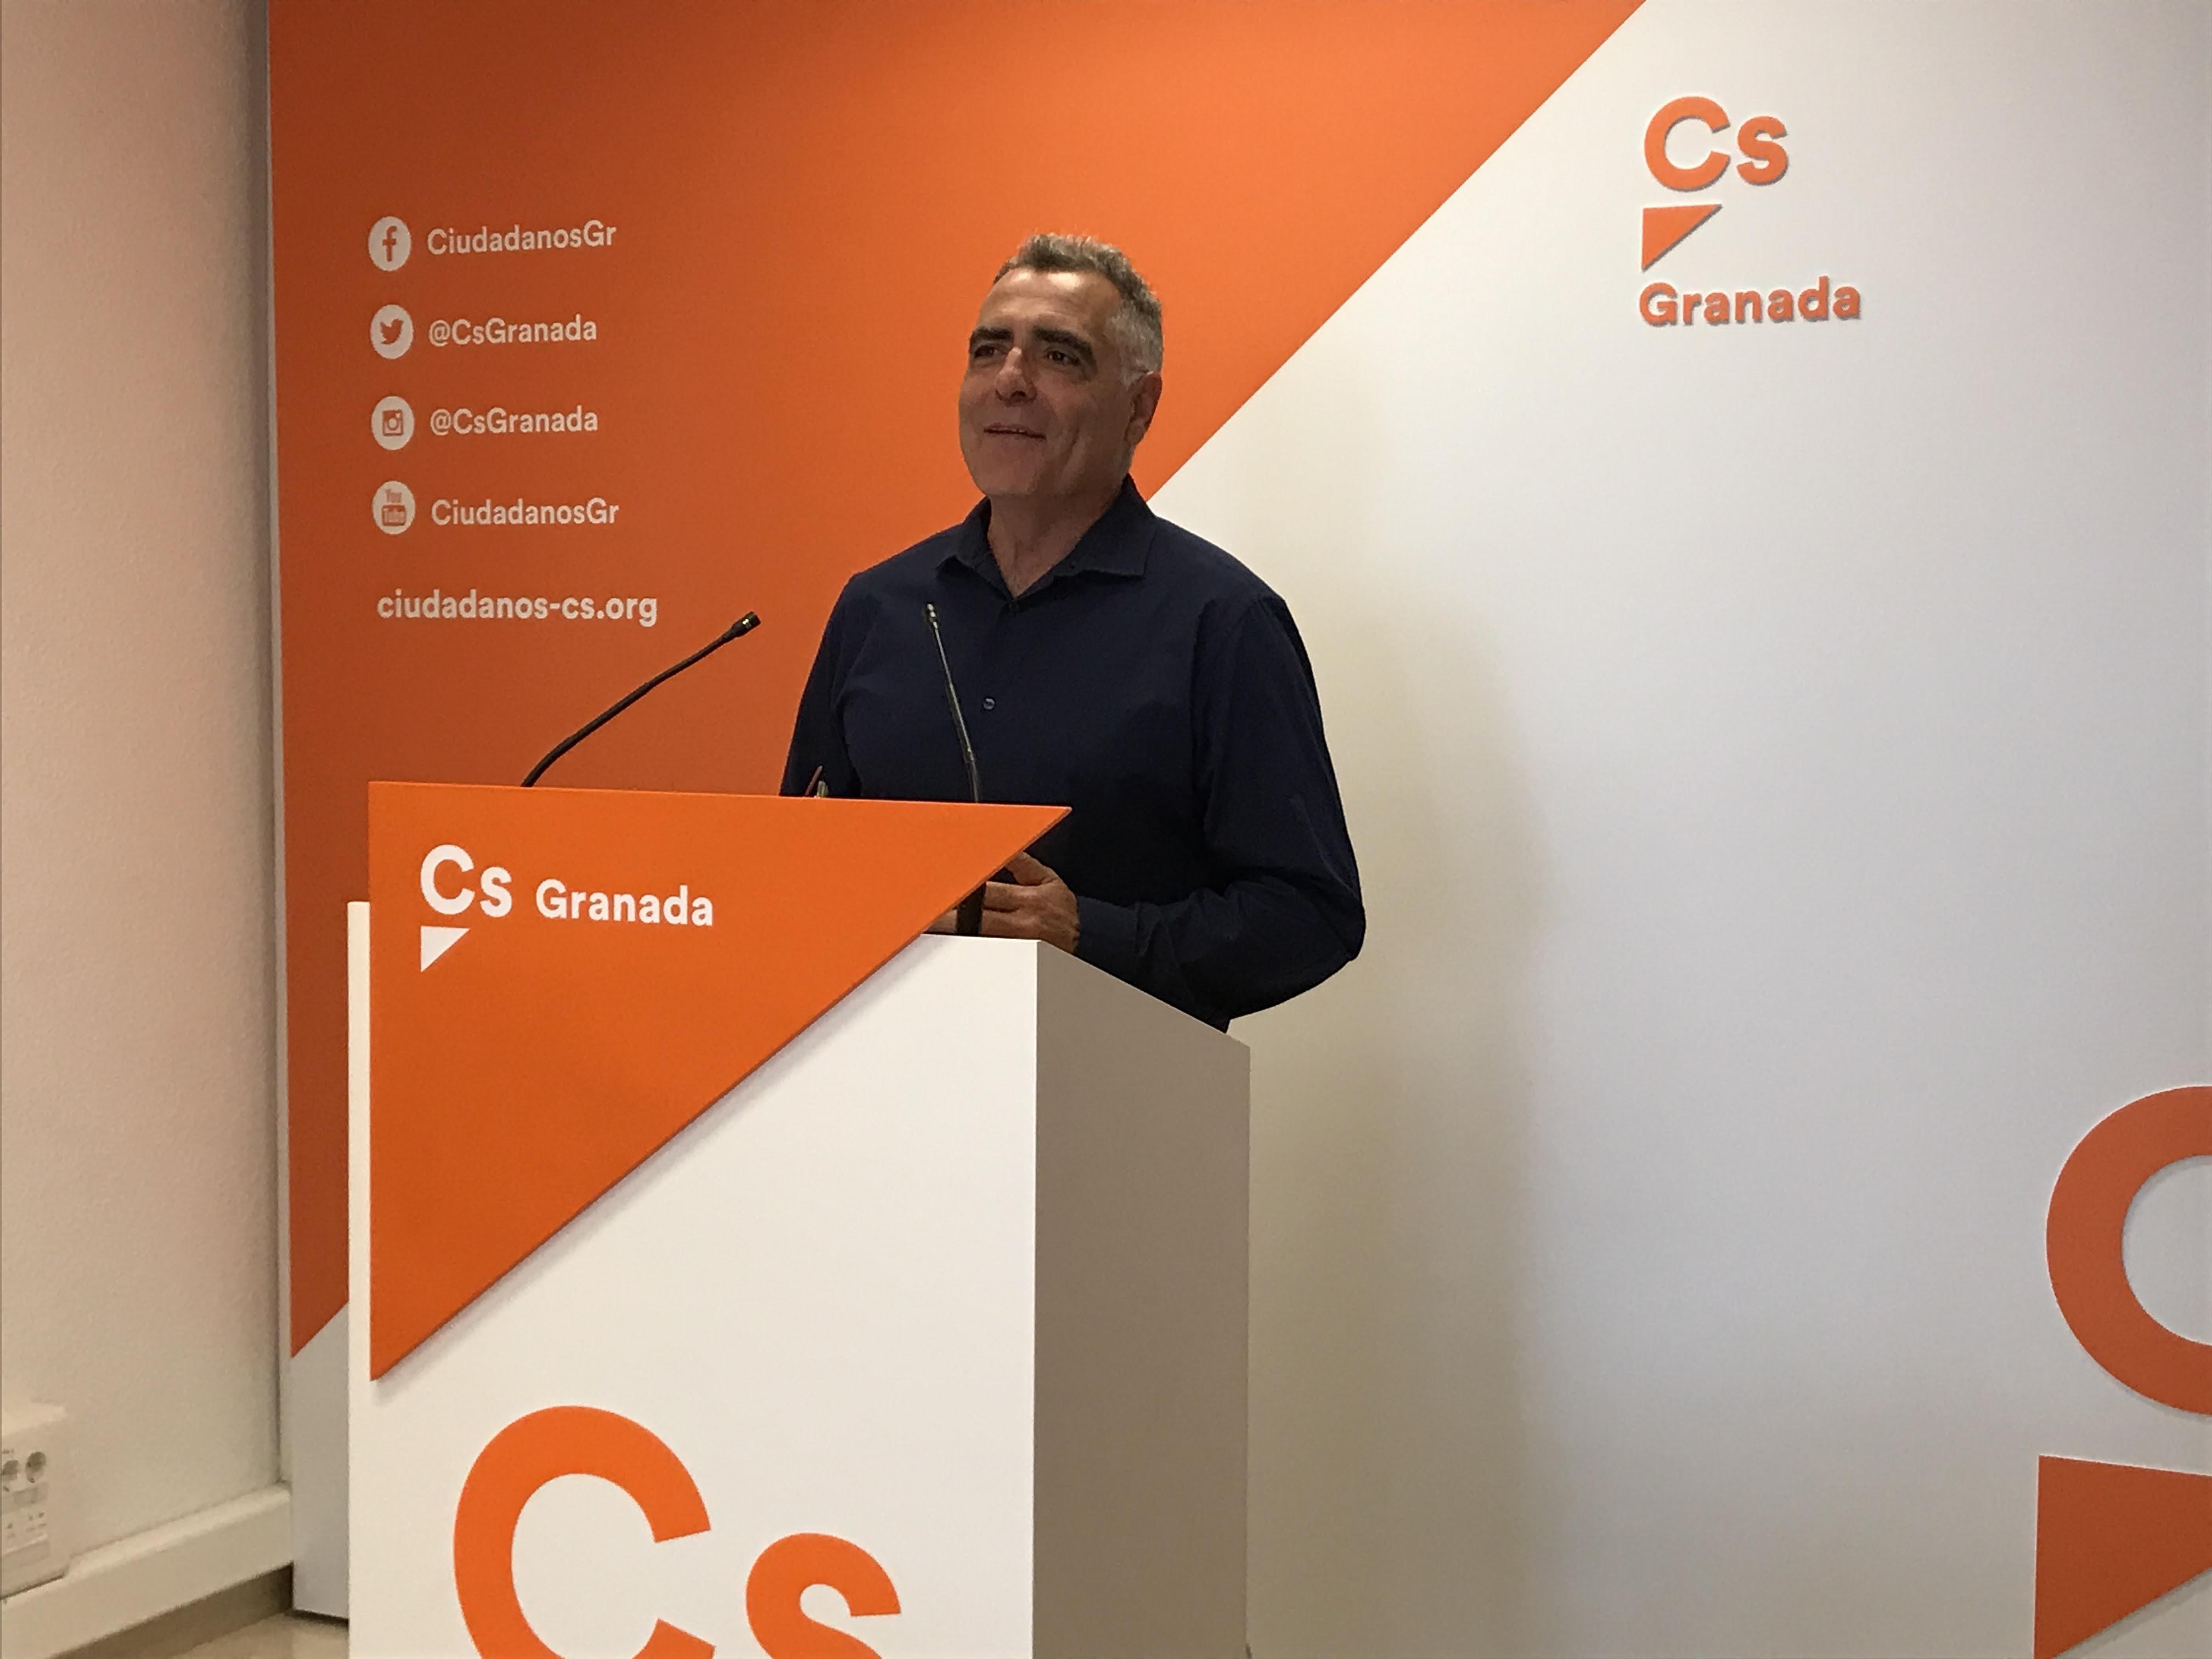 """Ciudadanos apoyará los Presupuestos municipales de Cúllar Vega tras incorporar inversiones """"muy necesarias"""" para el municipio"""